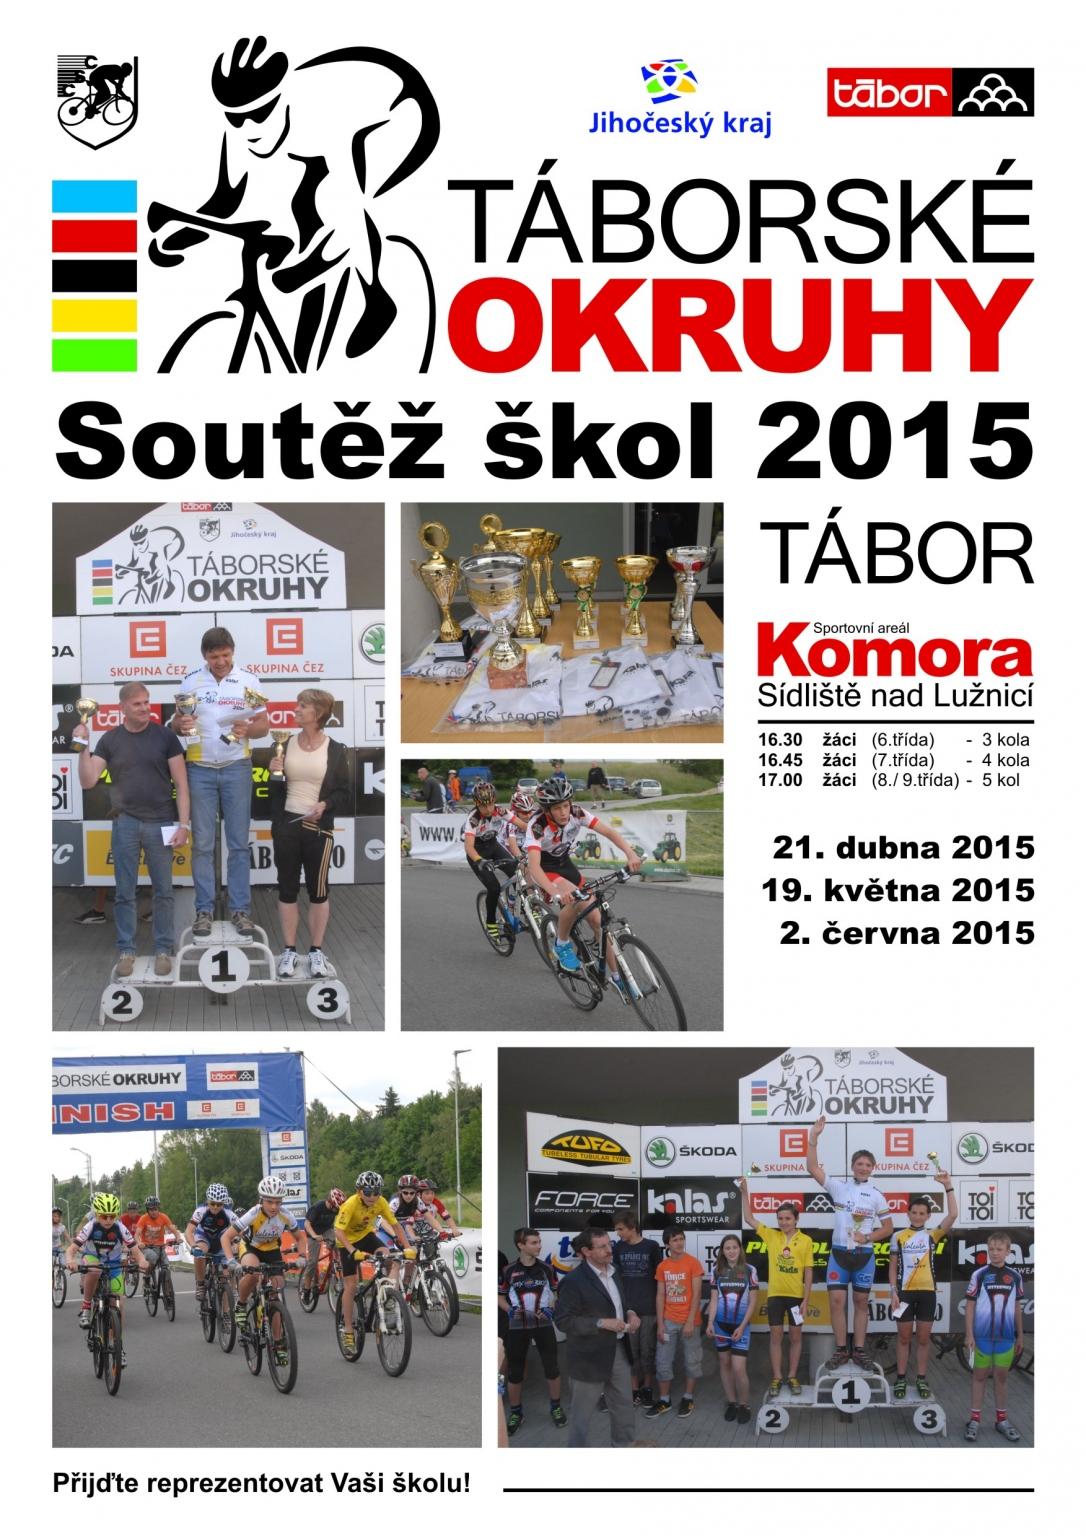 Plakat Taborske okruhy 2015 - skoly